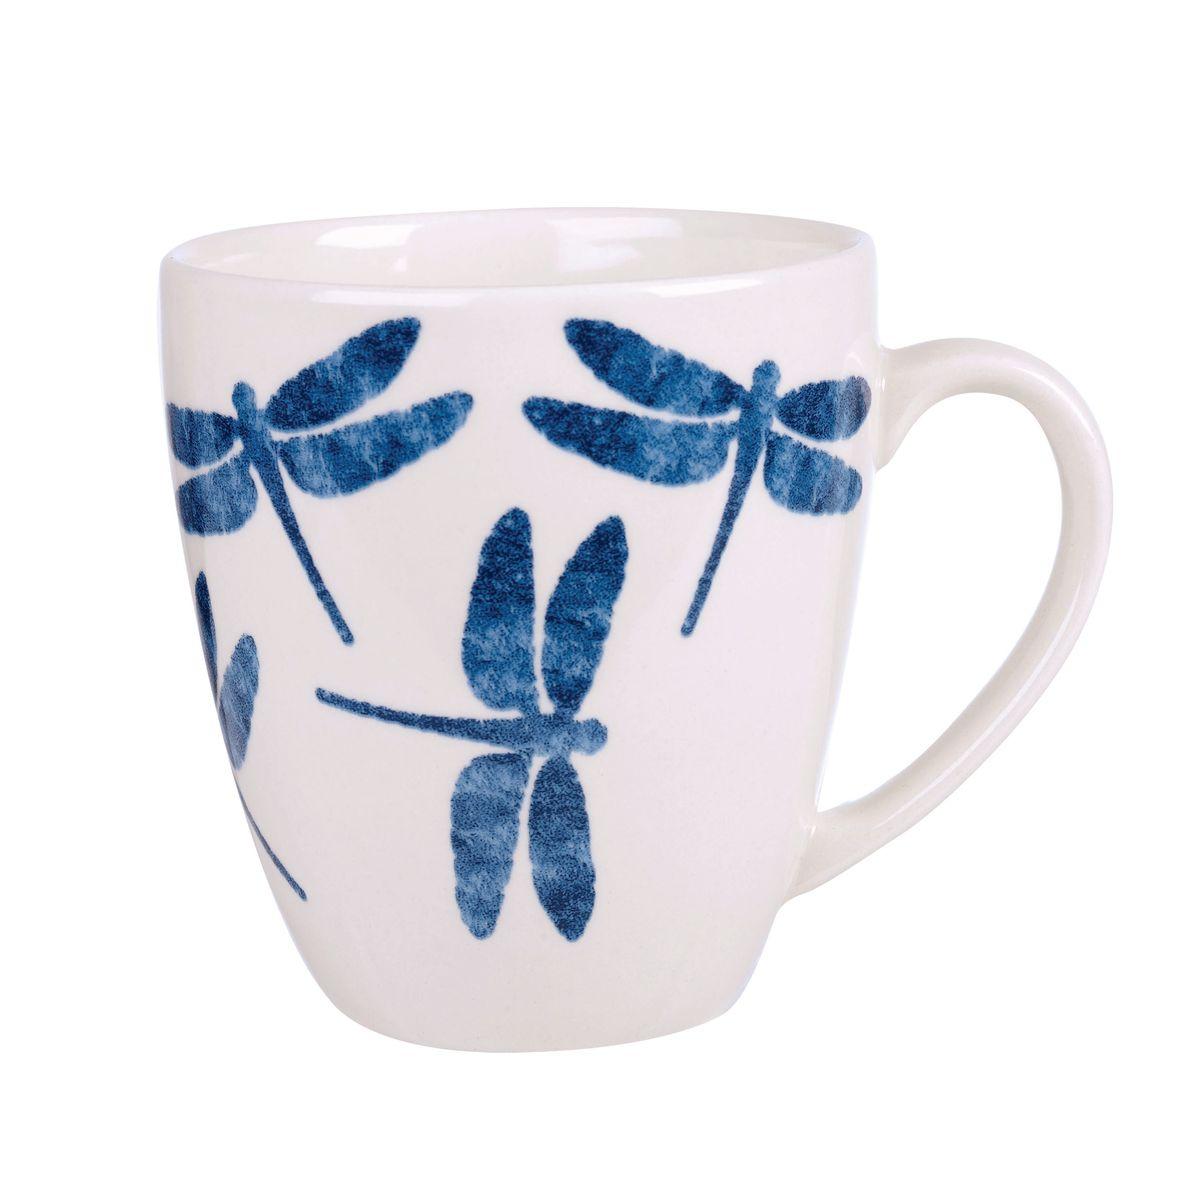 Кружка Churchill Стрекоза, 500 мл. COUT00851COUT00851Коллекция Сиена отражает Скандинавский стиль. Этот стиль отличается своей простотой и минимализмом, синий орнамент на белоснежном фоне. Материал: фаянс Можно мыть в посудомоечной машине Можно использовать в микроволновой печи